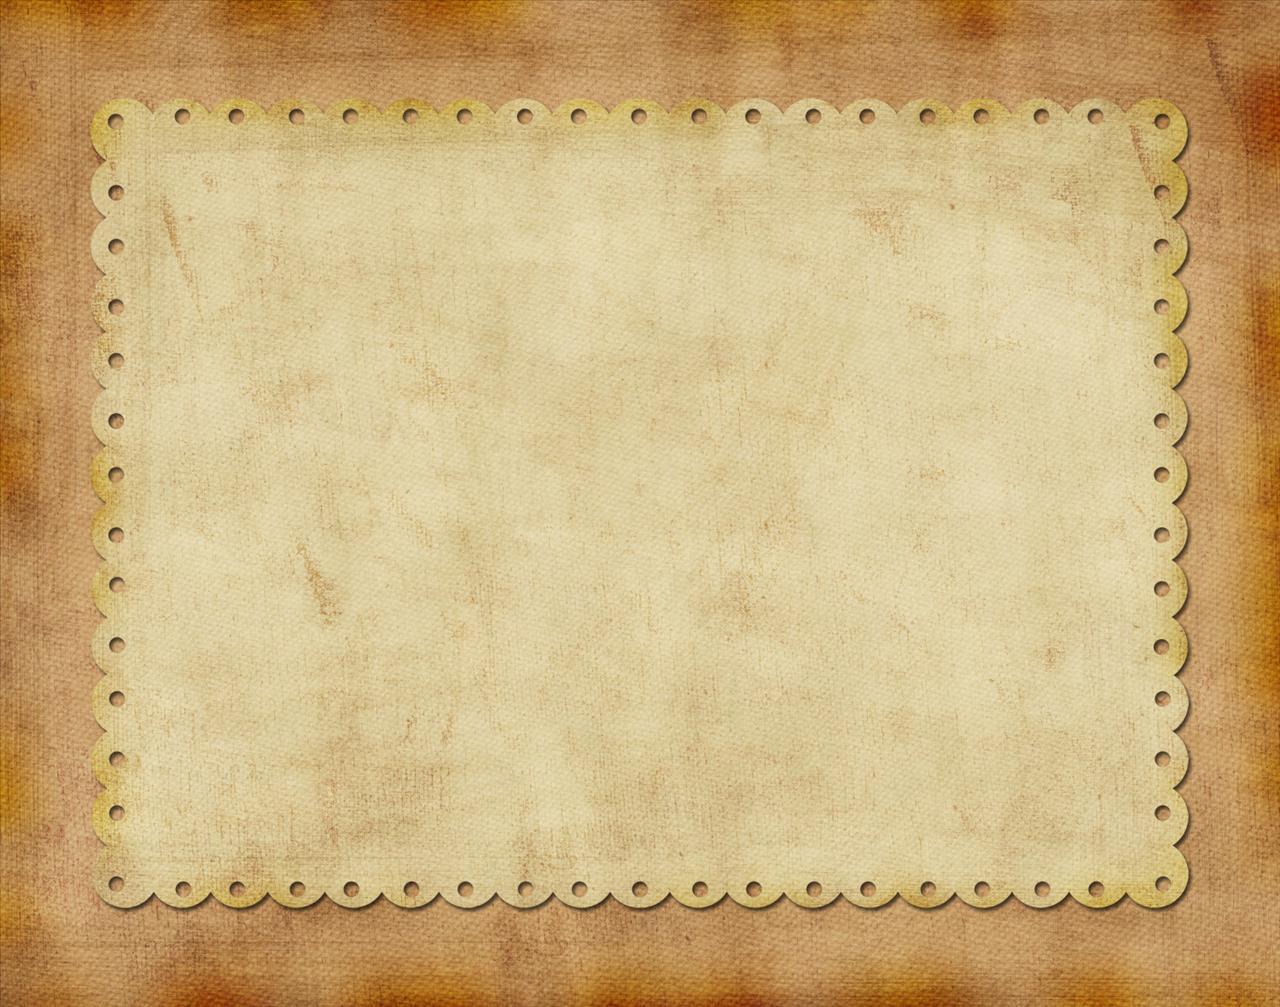 Vintage Tan Backgrounds Image Information